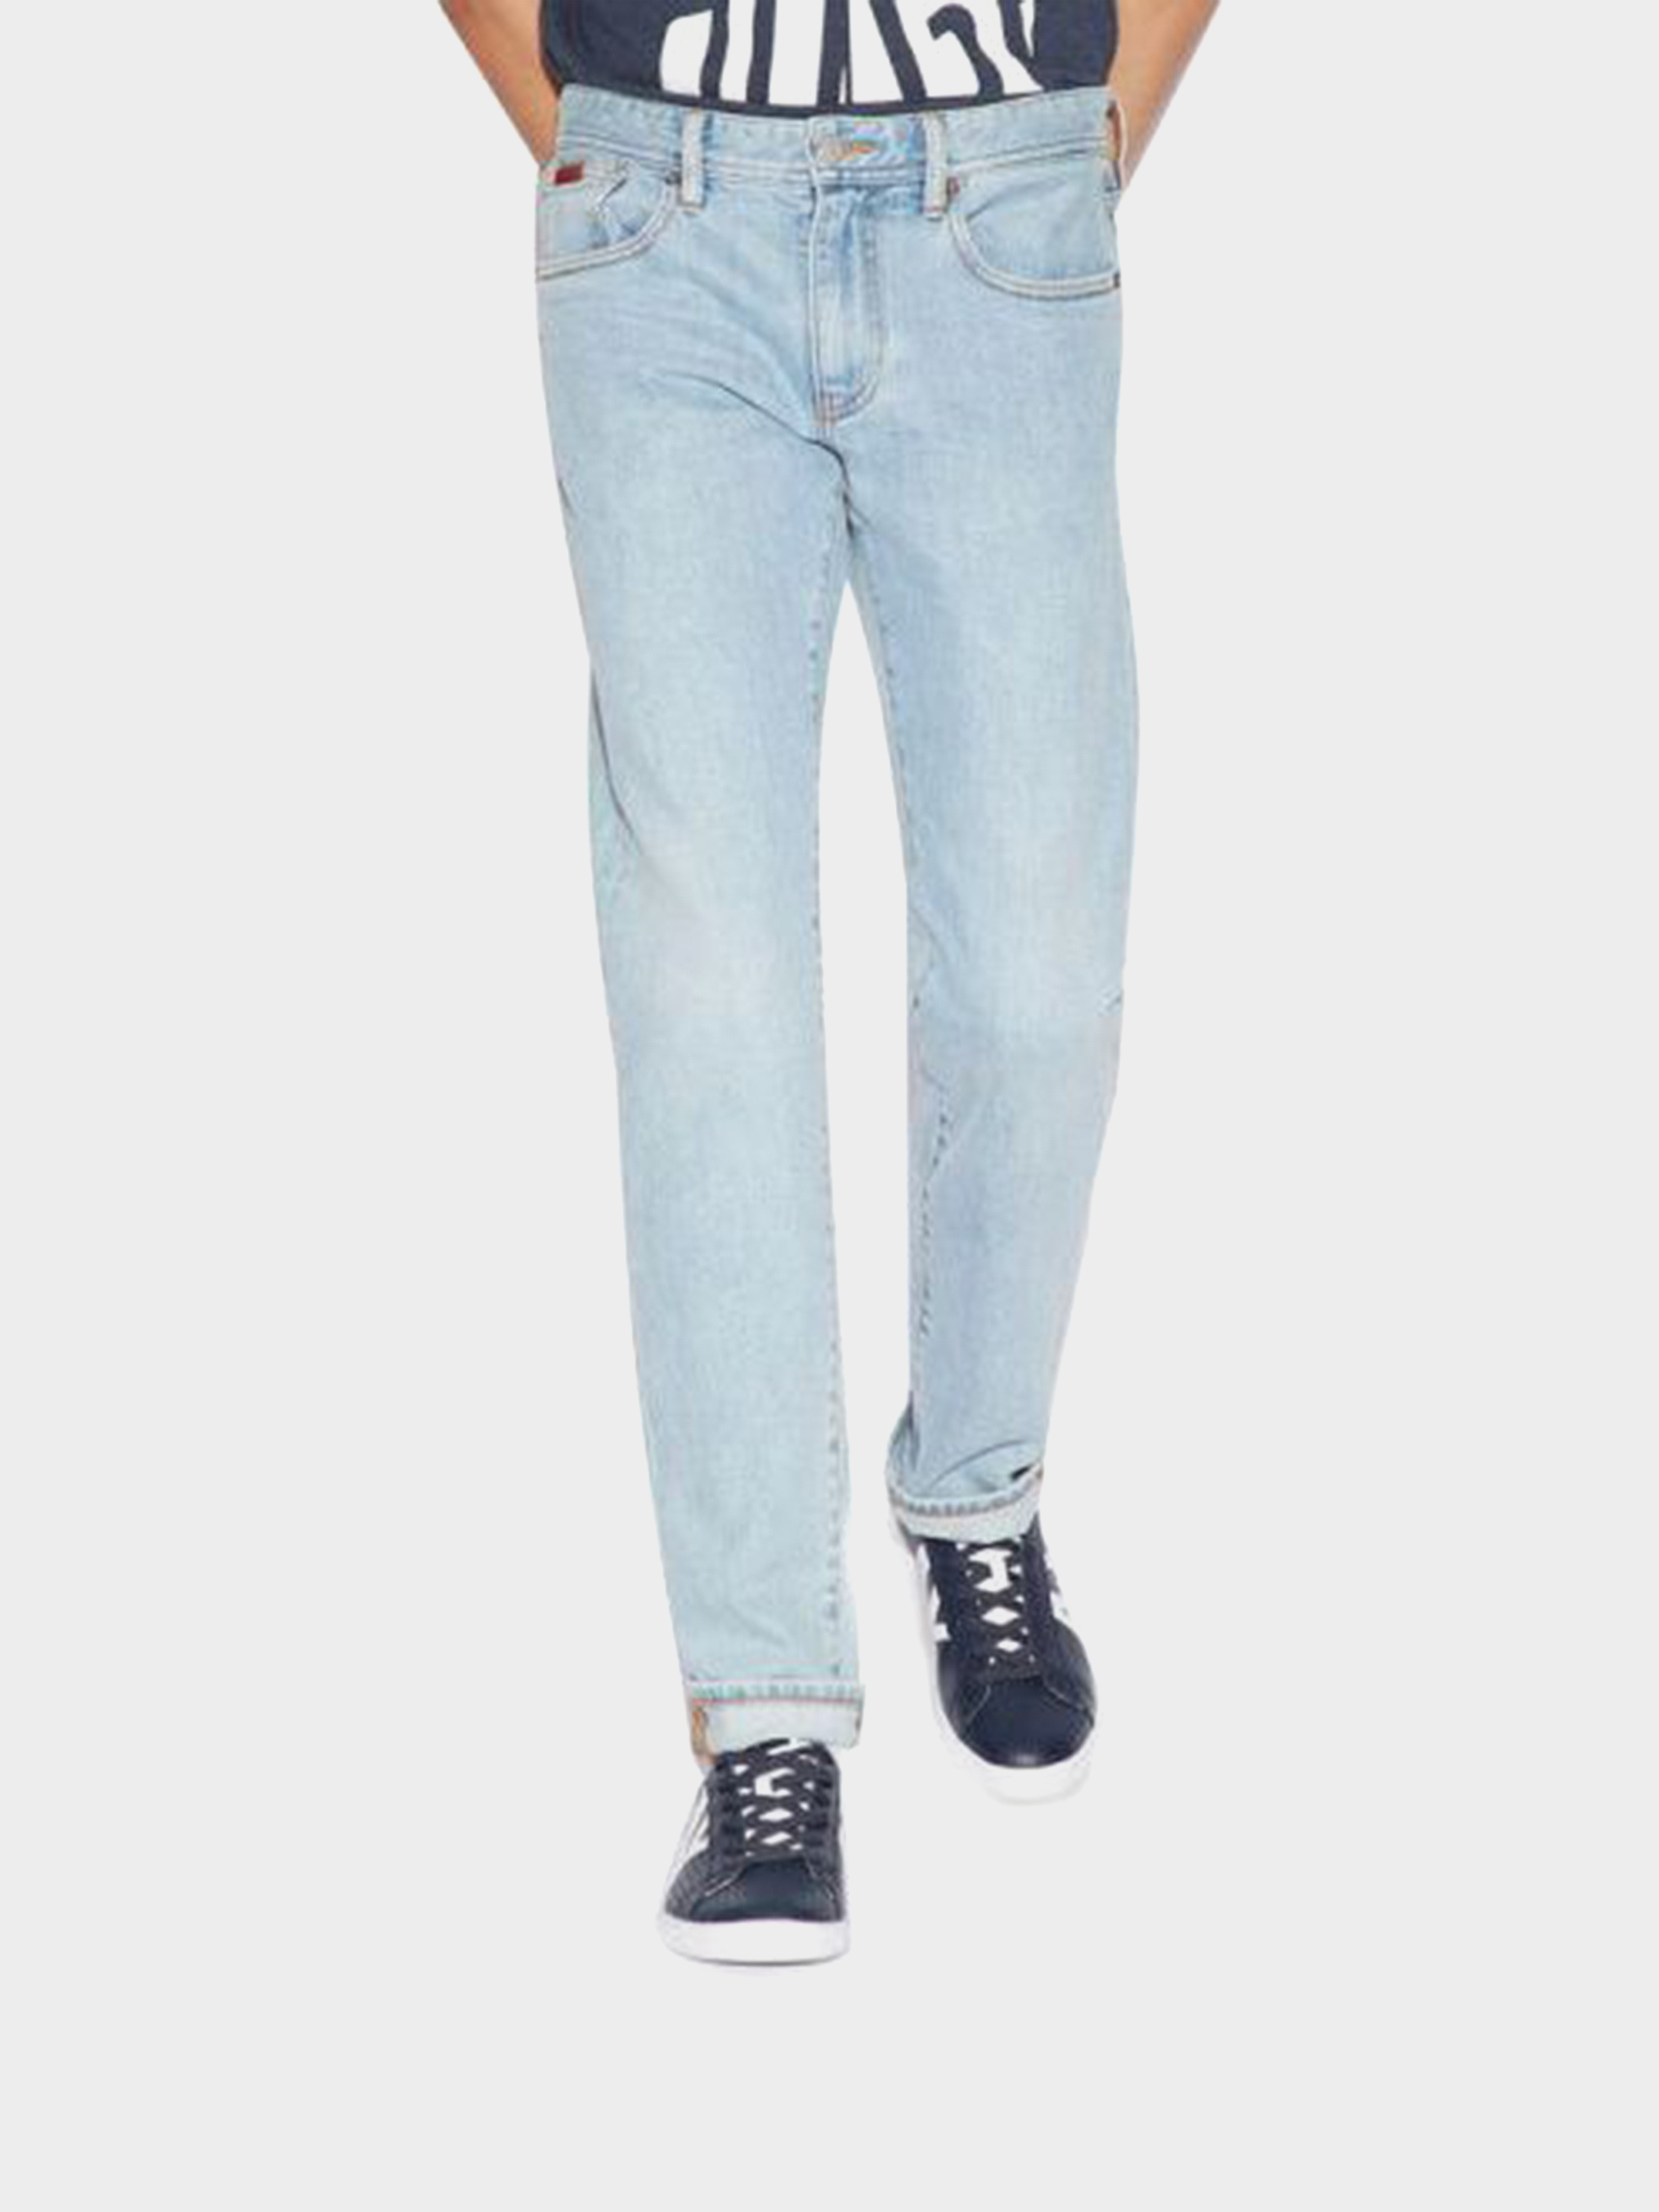 Купить Джинсы мужские модель WH2139, Armani Exchange, Синий